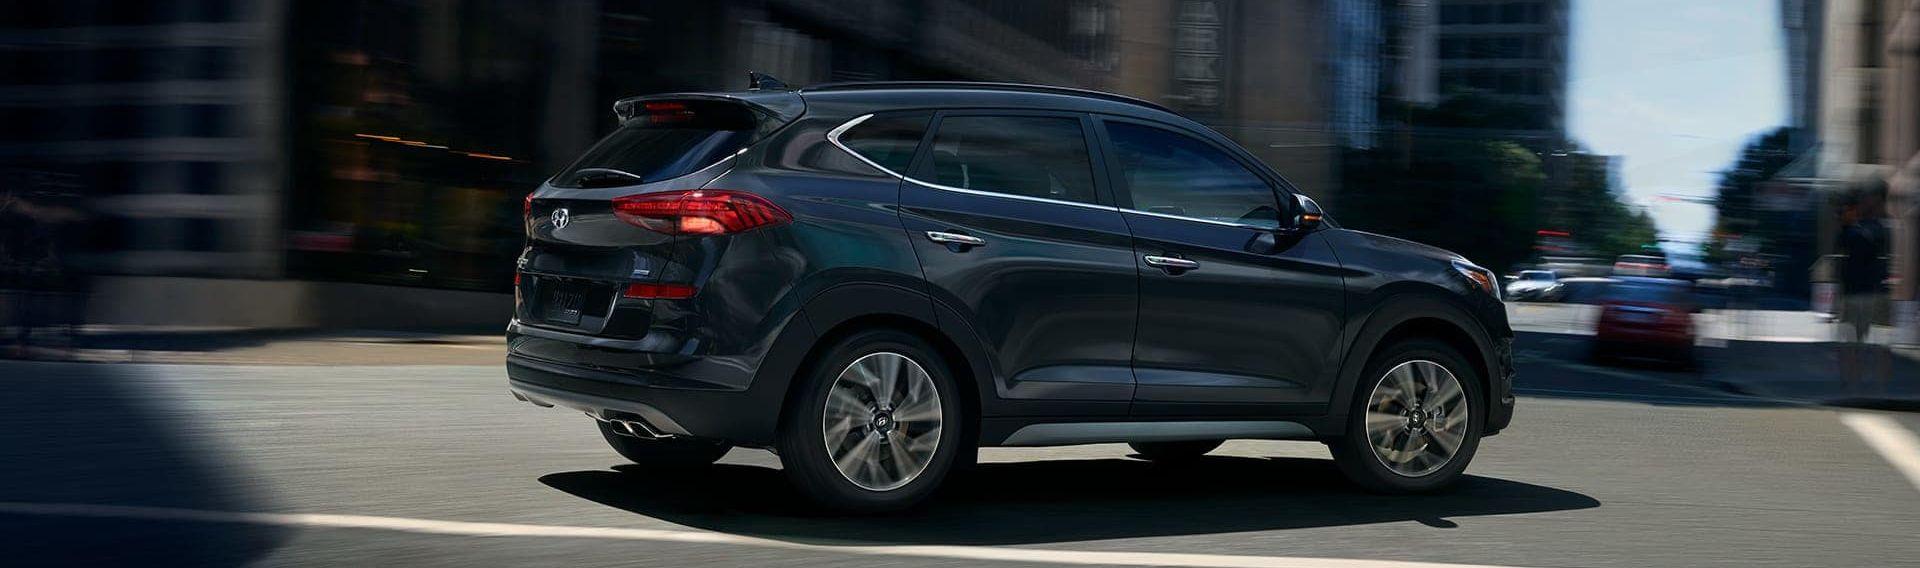 2019 Hyundai Tucson Leasing near Bowie, MD